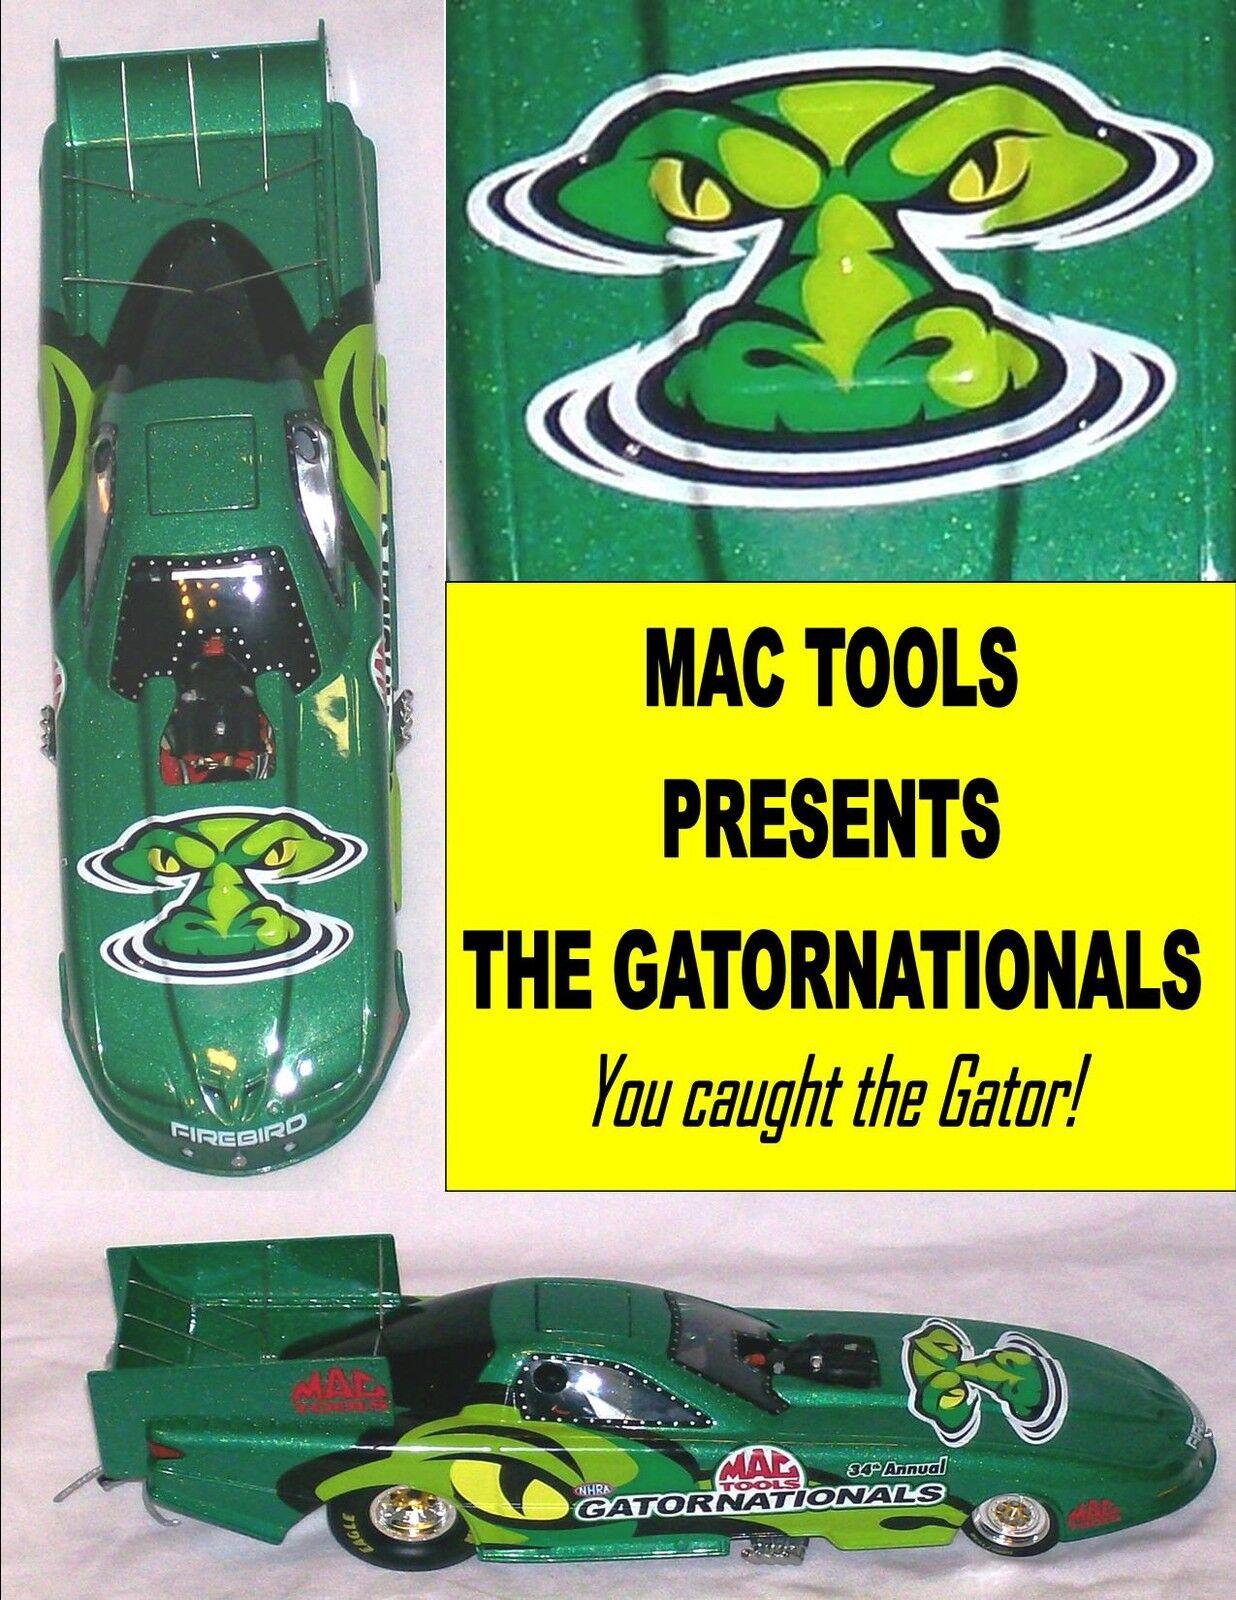 salida Asociación Nacional de Hot Hot Hot Rod Diecast 2003 34th Coche Diverdeido anual gatornationals 1 24 Modelo Con Caja Raro Conjunto  calidad oficial